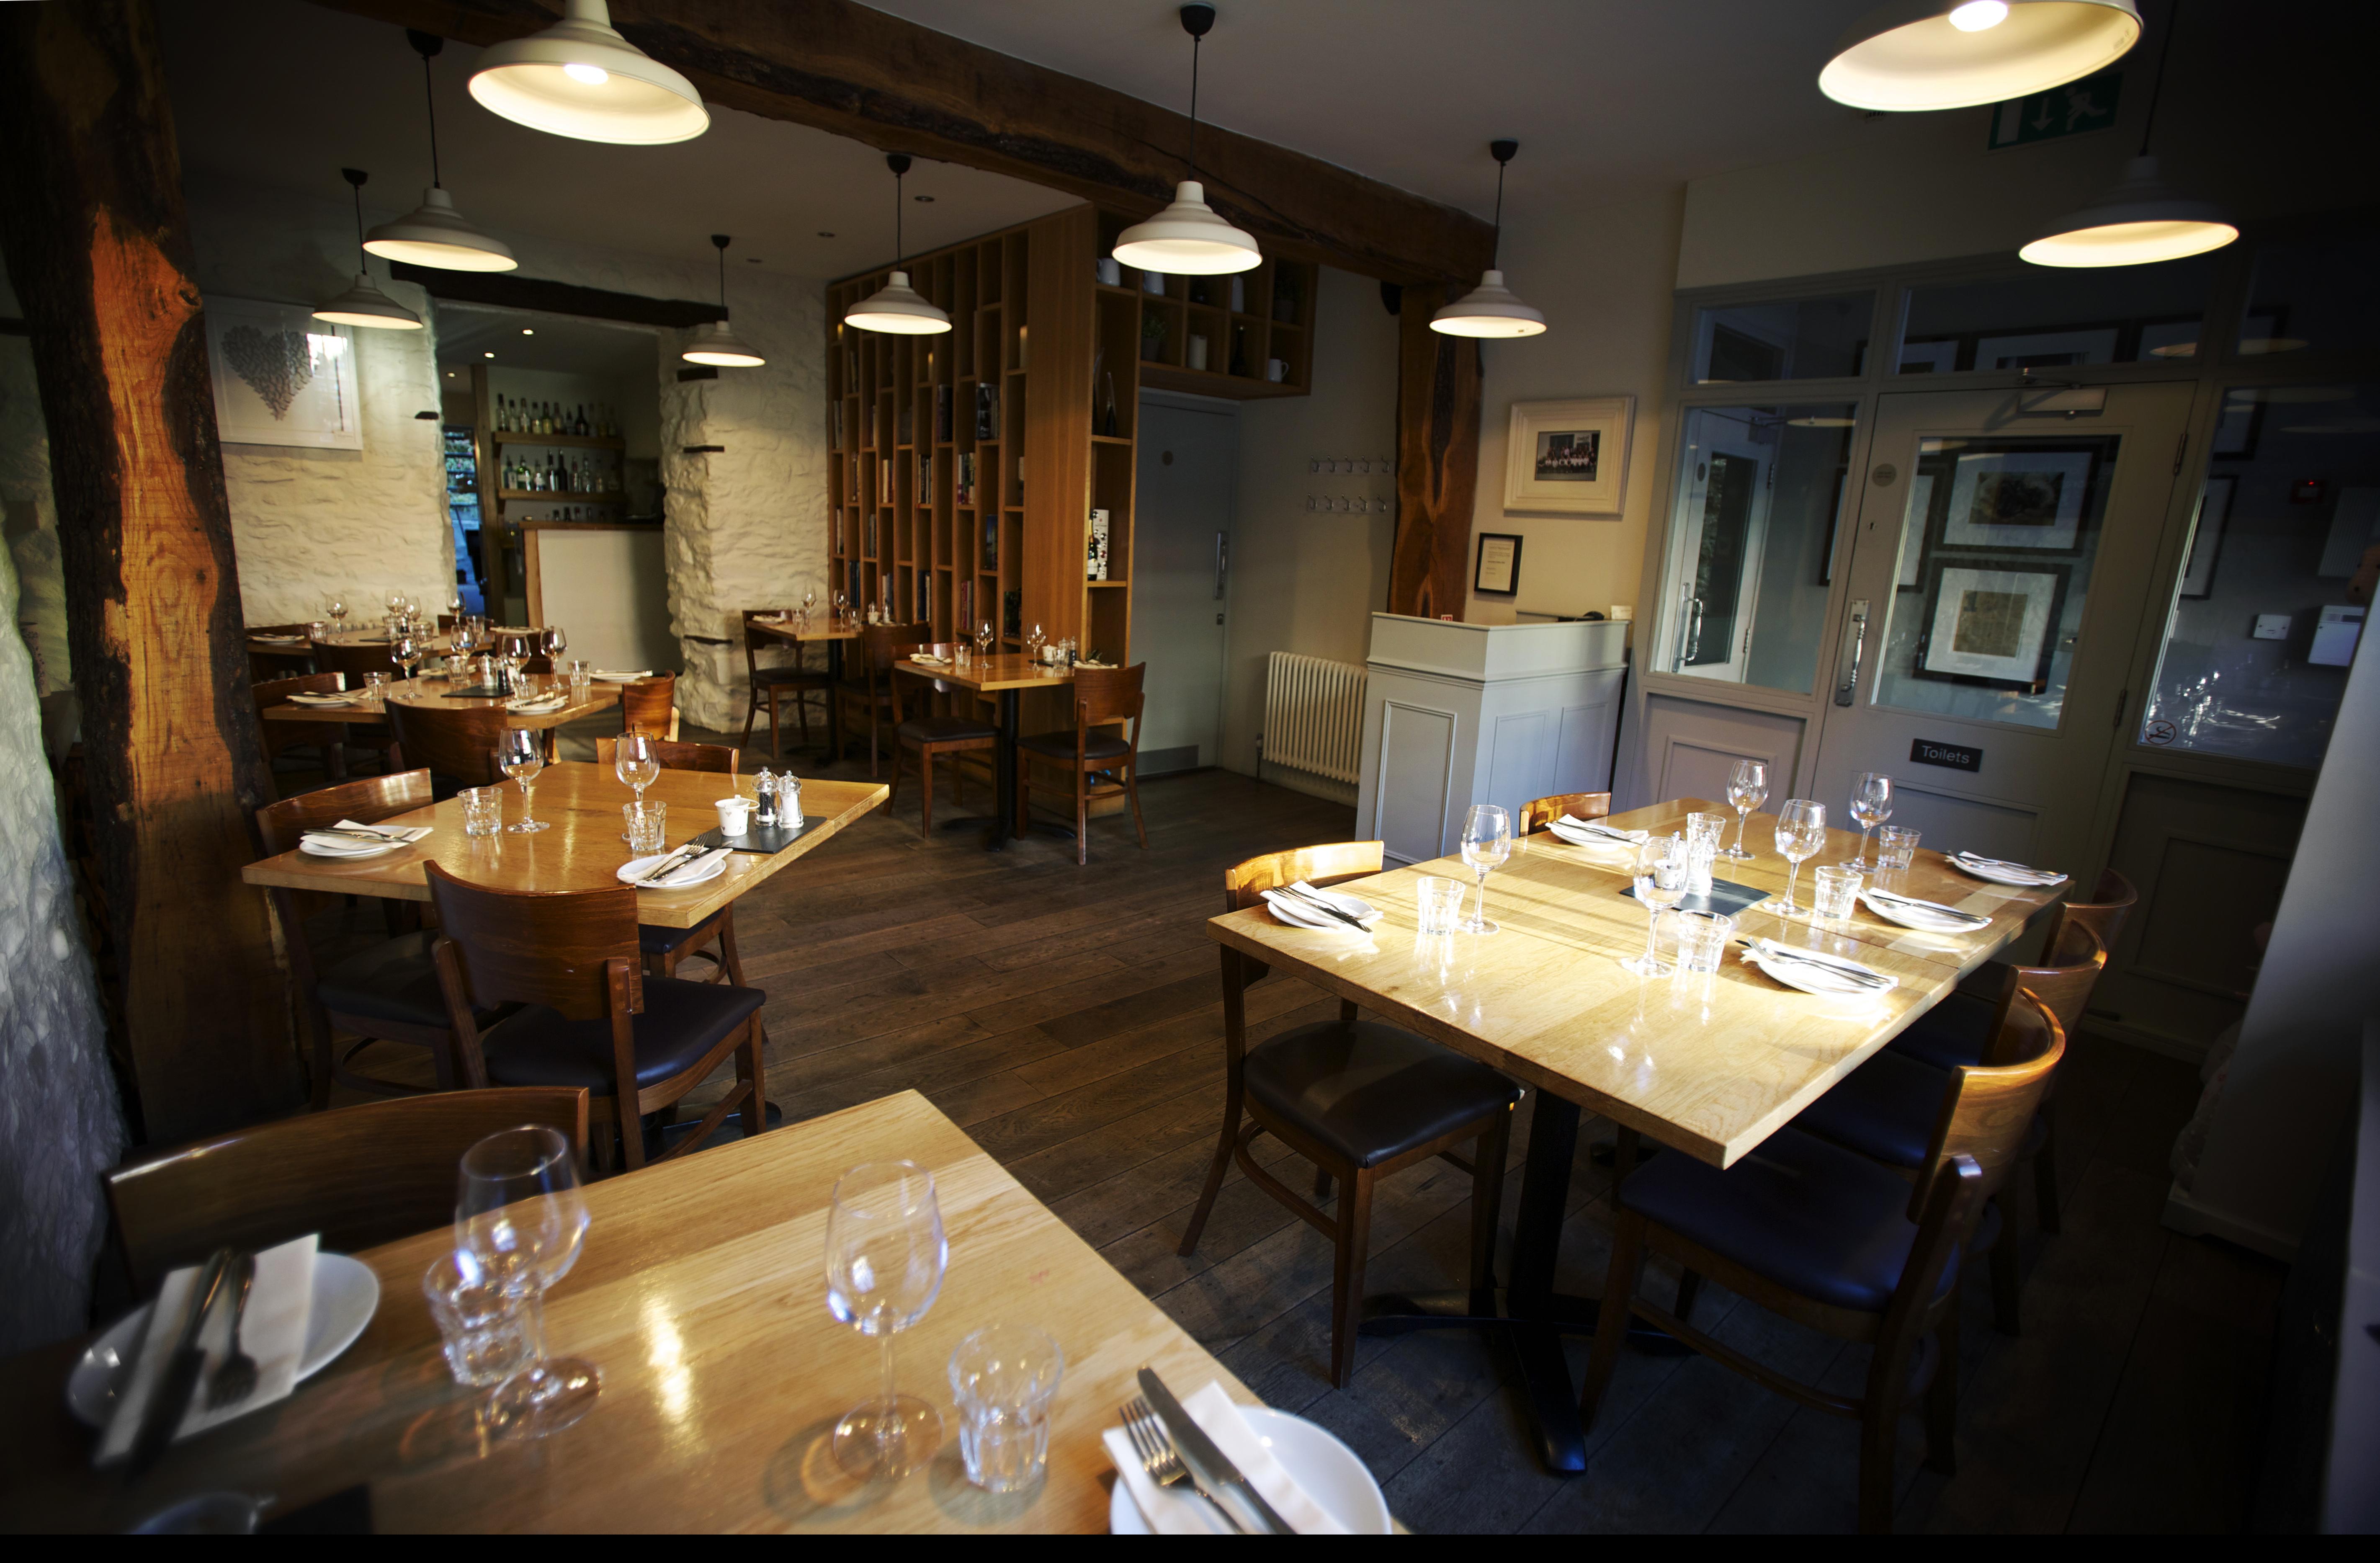 Restaurant in Britain